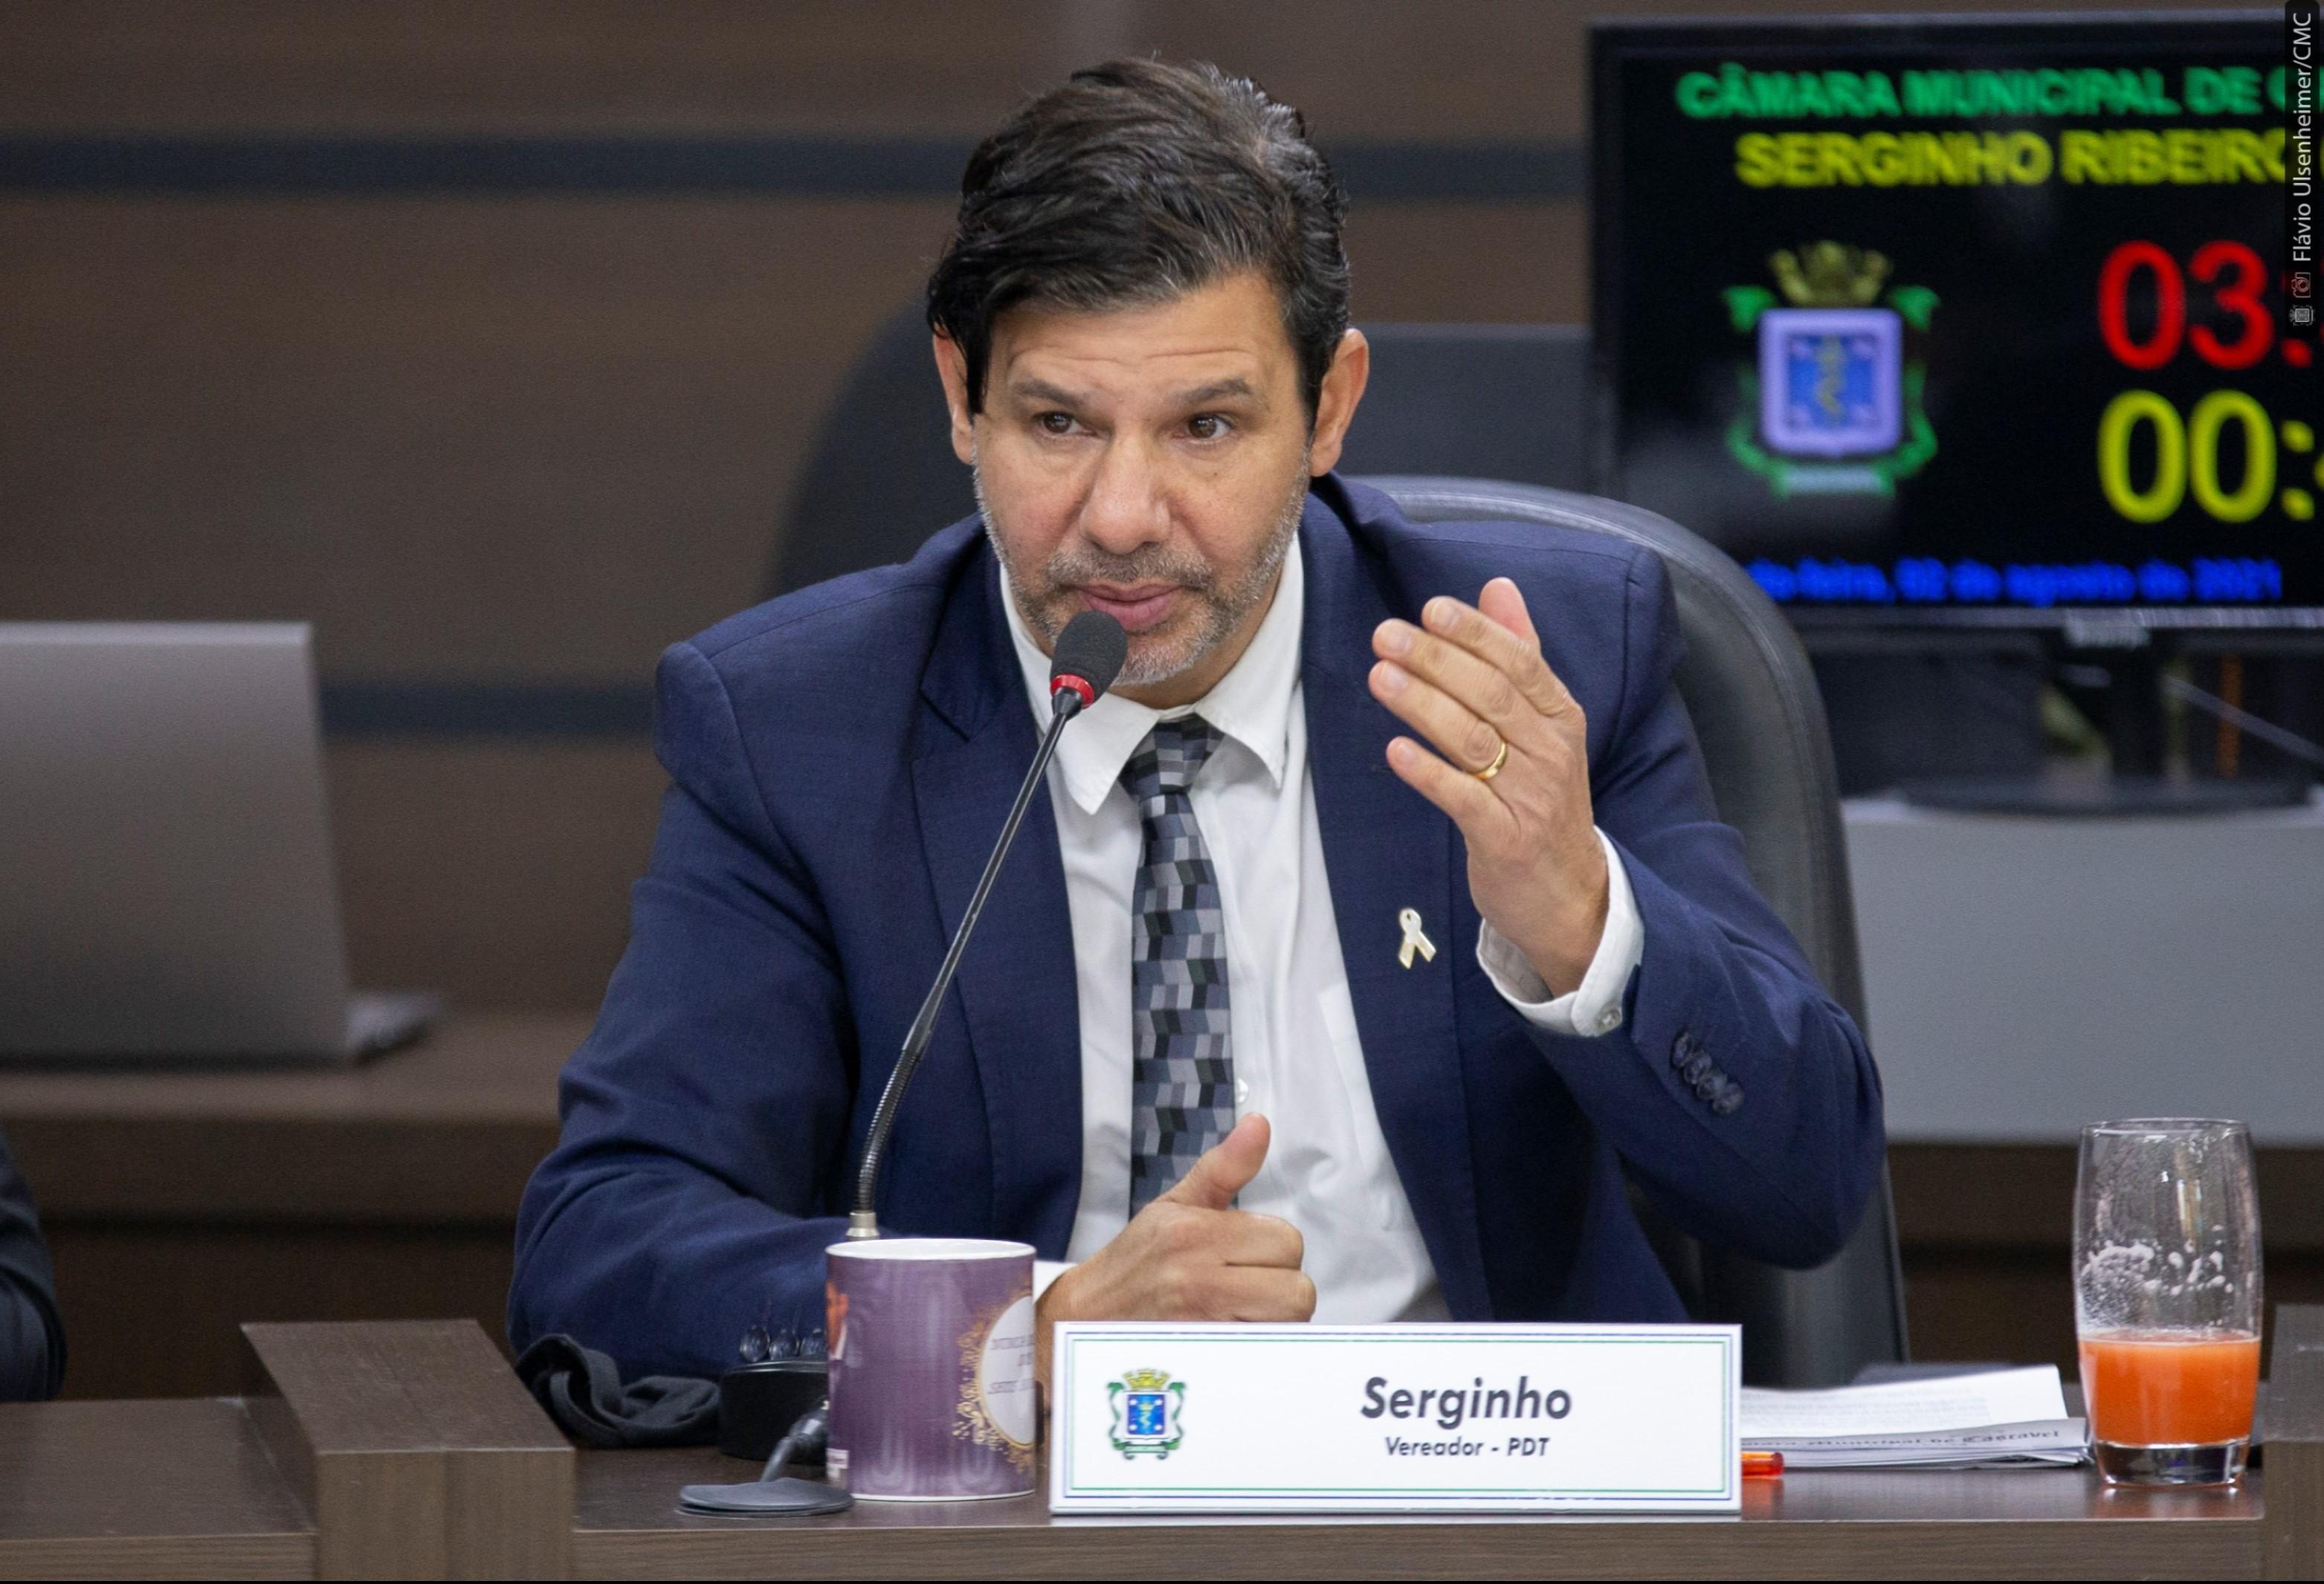 Serginho Ribeiro inicia rodada de reuniões para debater abertura ampliada do comércio